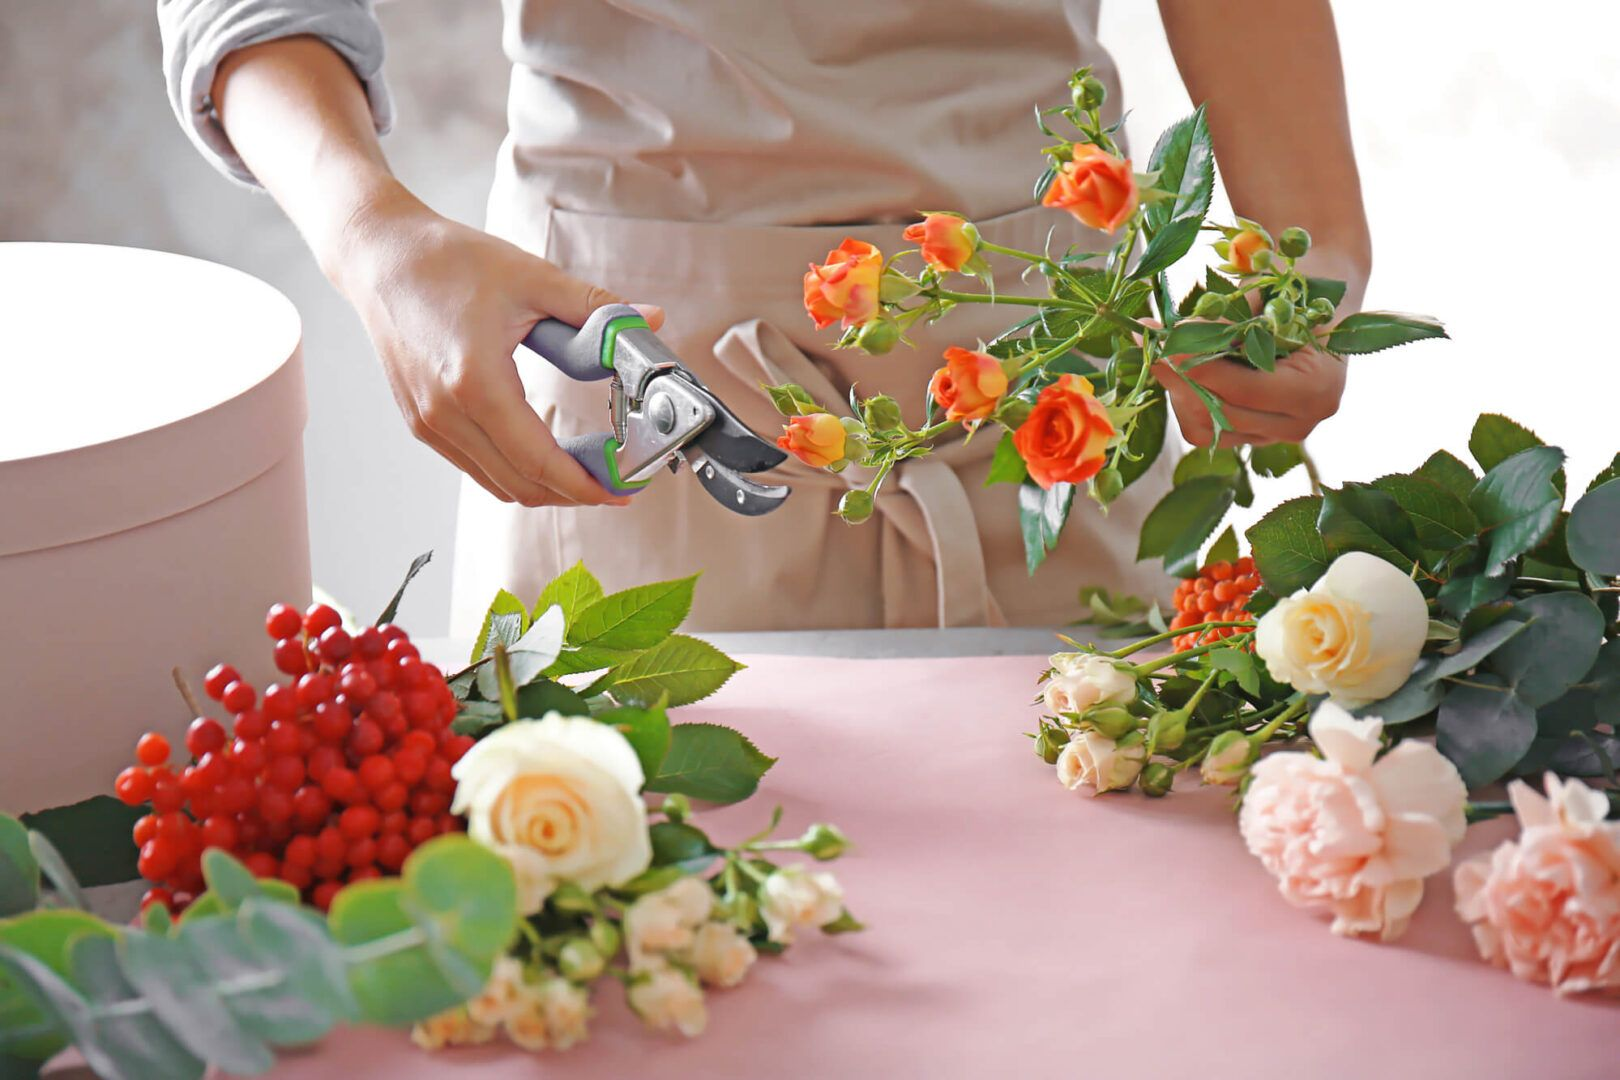 Como fazer arranjos de flores: decorando com flores naturais e artificiais